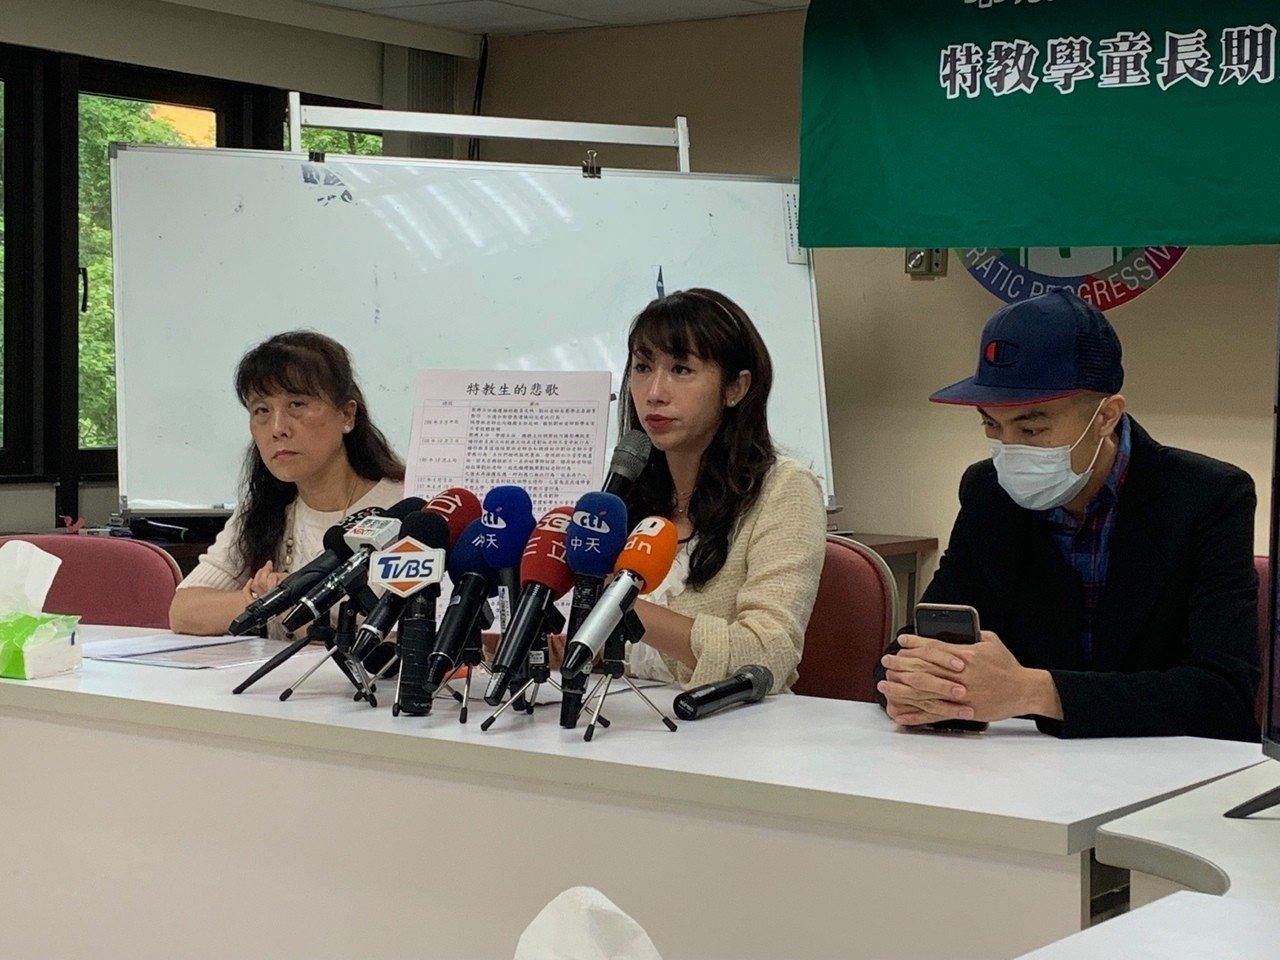 台北市啟明學校5幼童,長期遭老師K頭施虐,議員許淑華上午舉行記者會,批評學校隱匿...